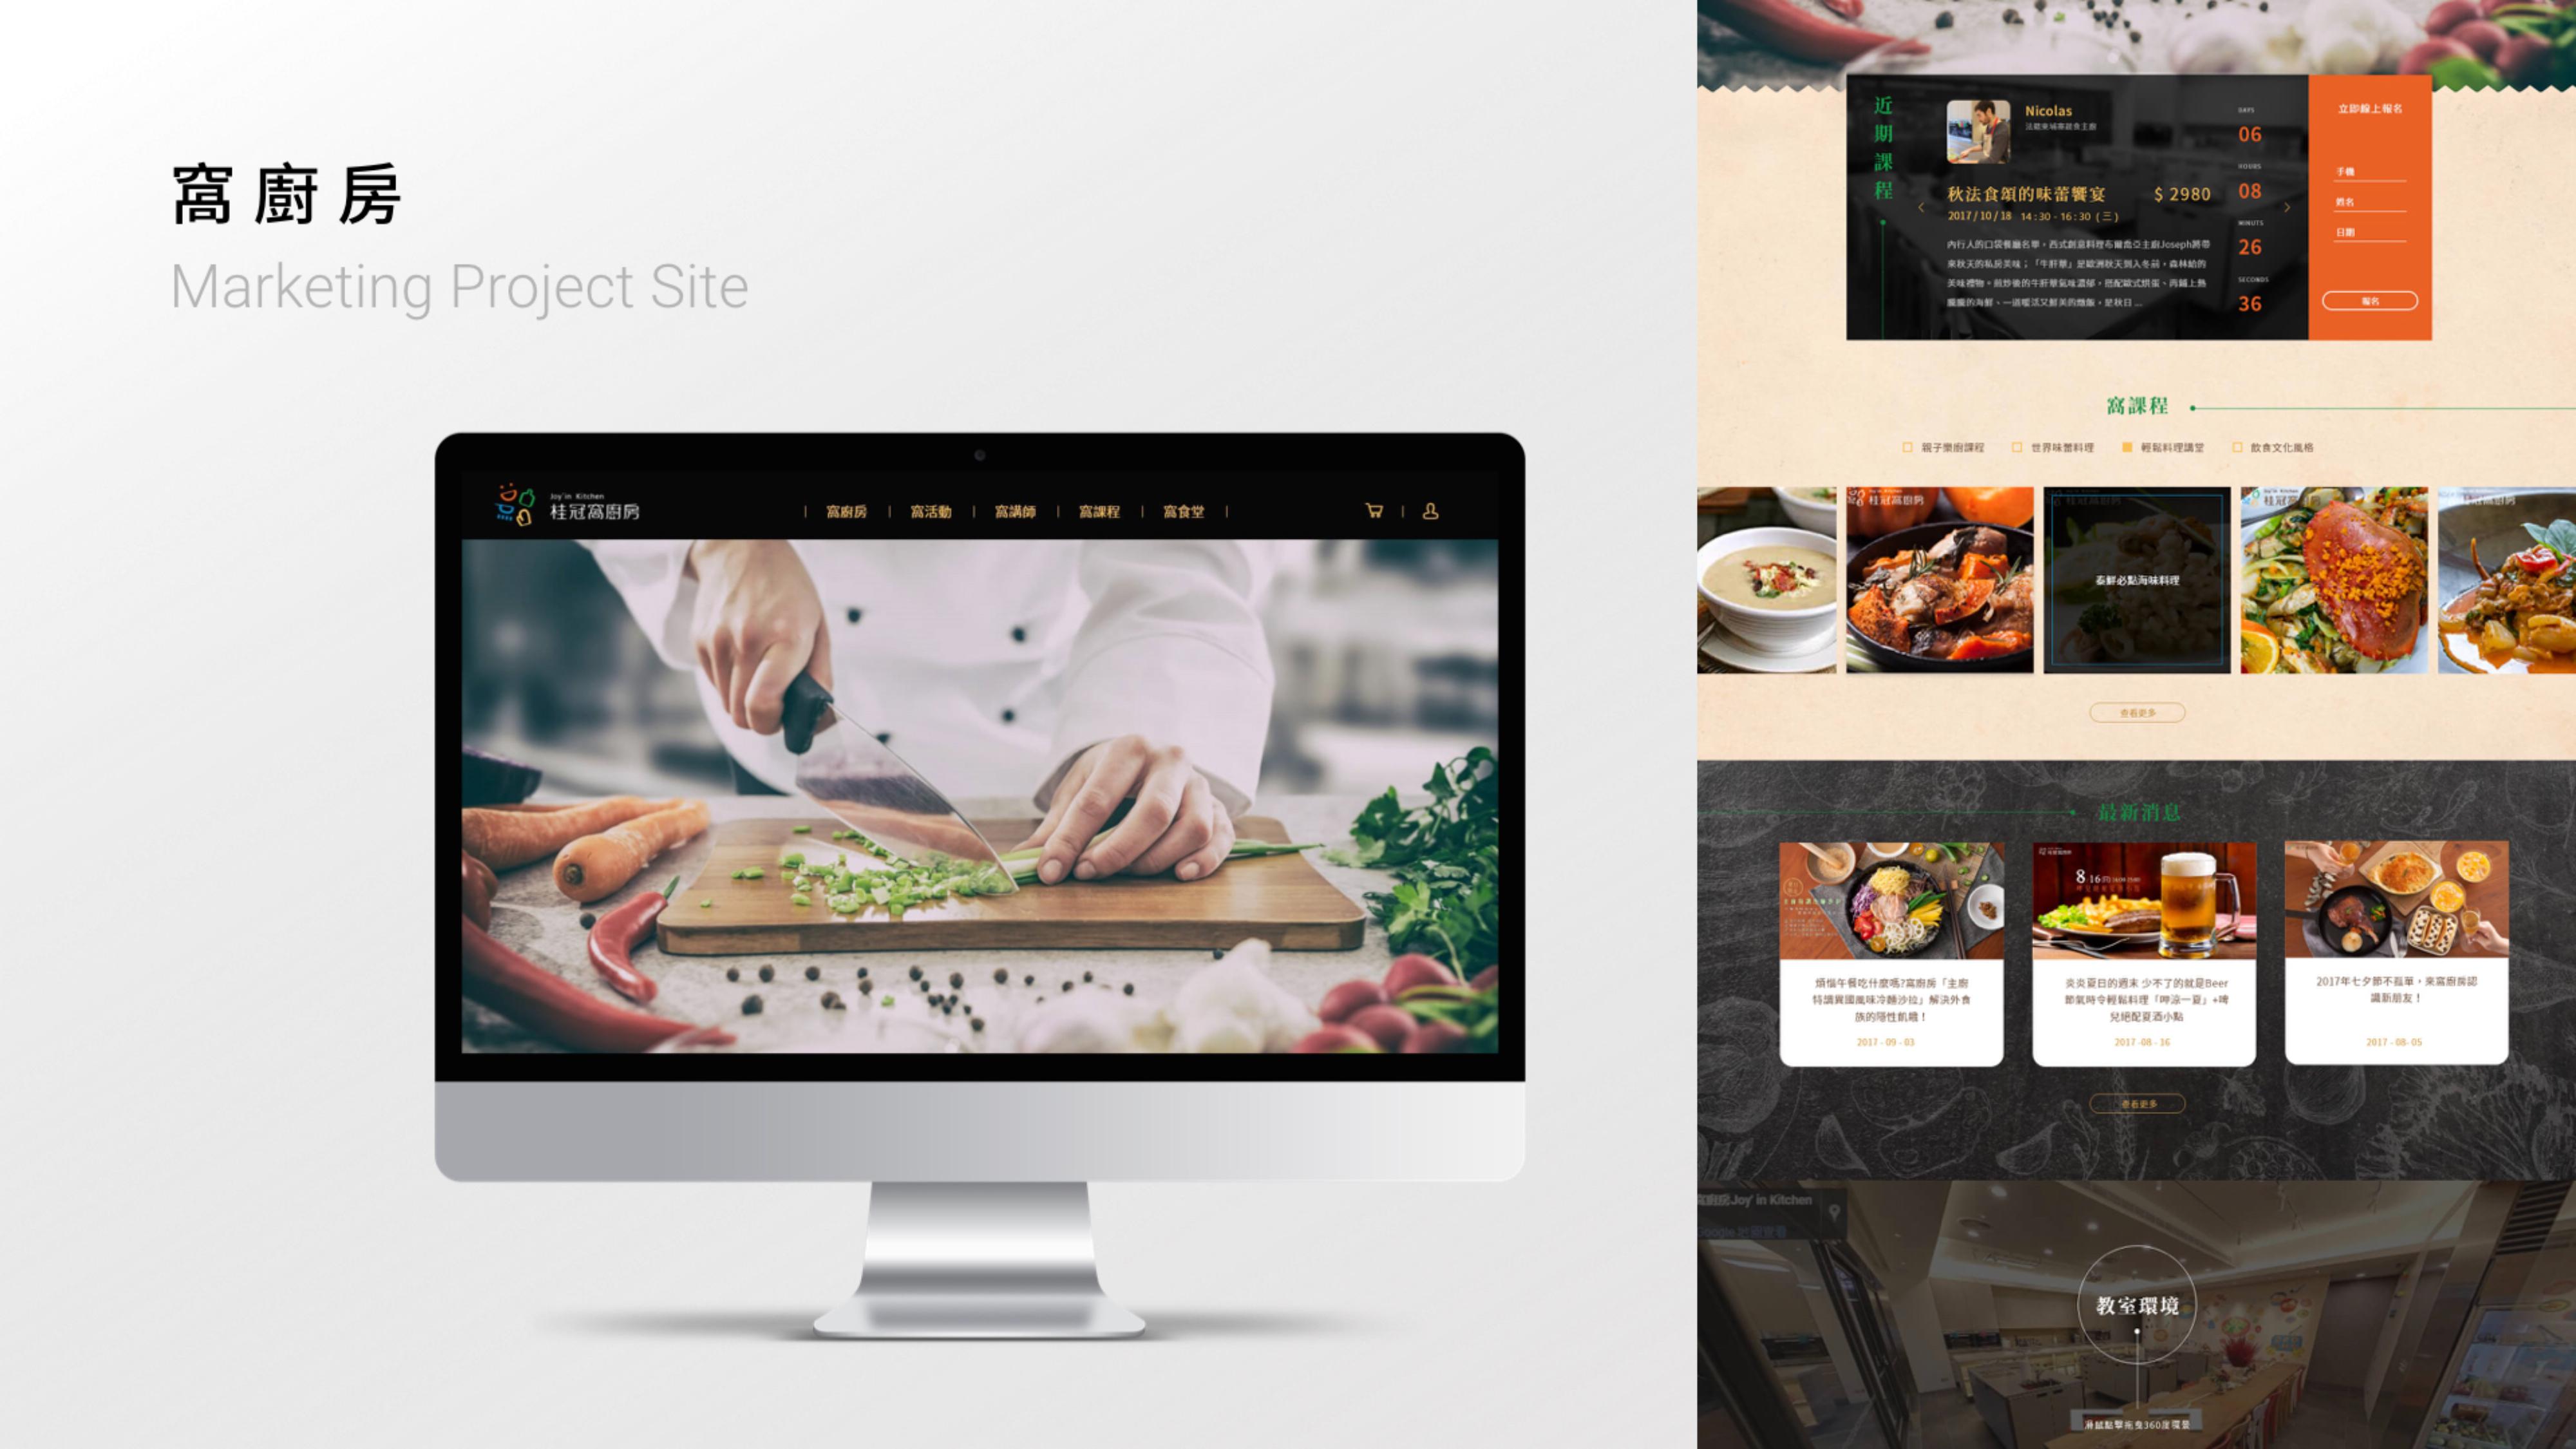 窩廚房網頁設計參考